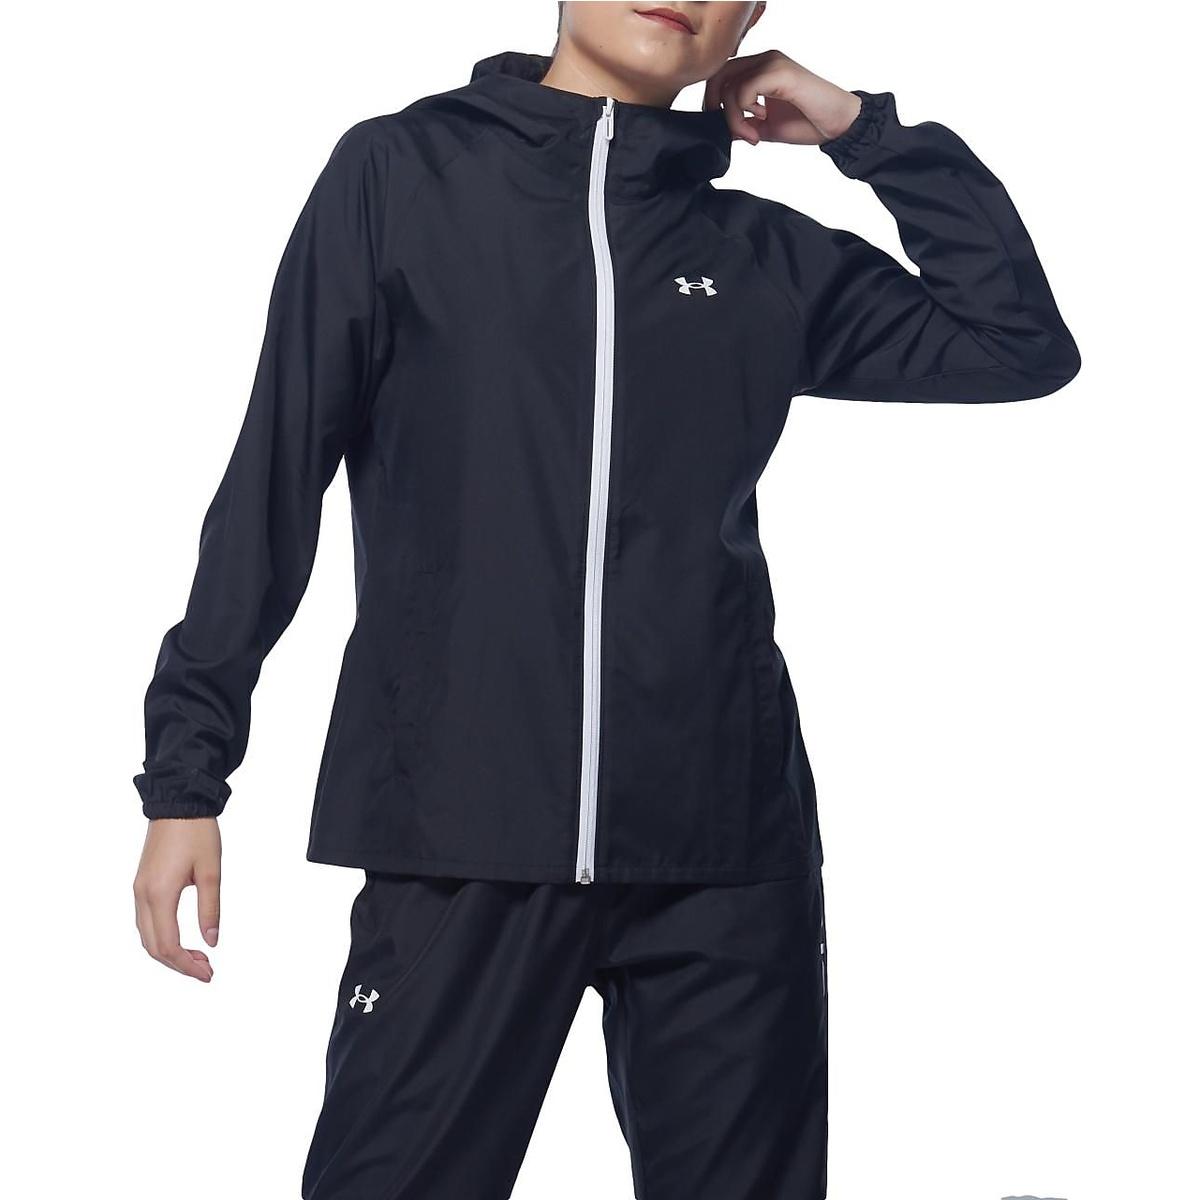 アンダーアーマー レディーススポーツウェア ウインドアップジャケット 激安通販販売 UA TEXT LOGO WOVEN UNDER HOODIE 001 新入荷 流行 レディース ARMOUR 1357904 FZ